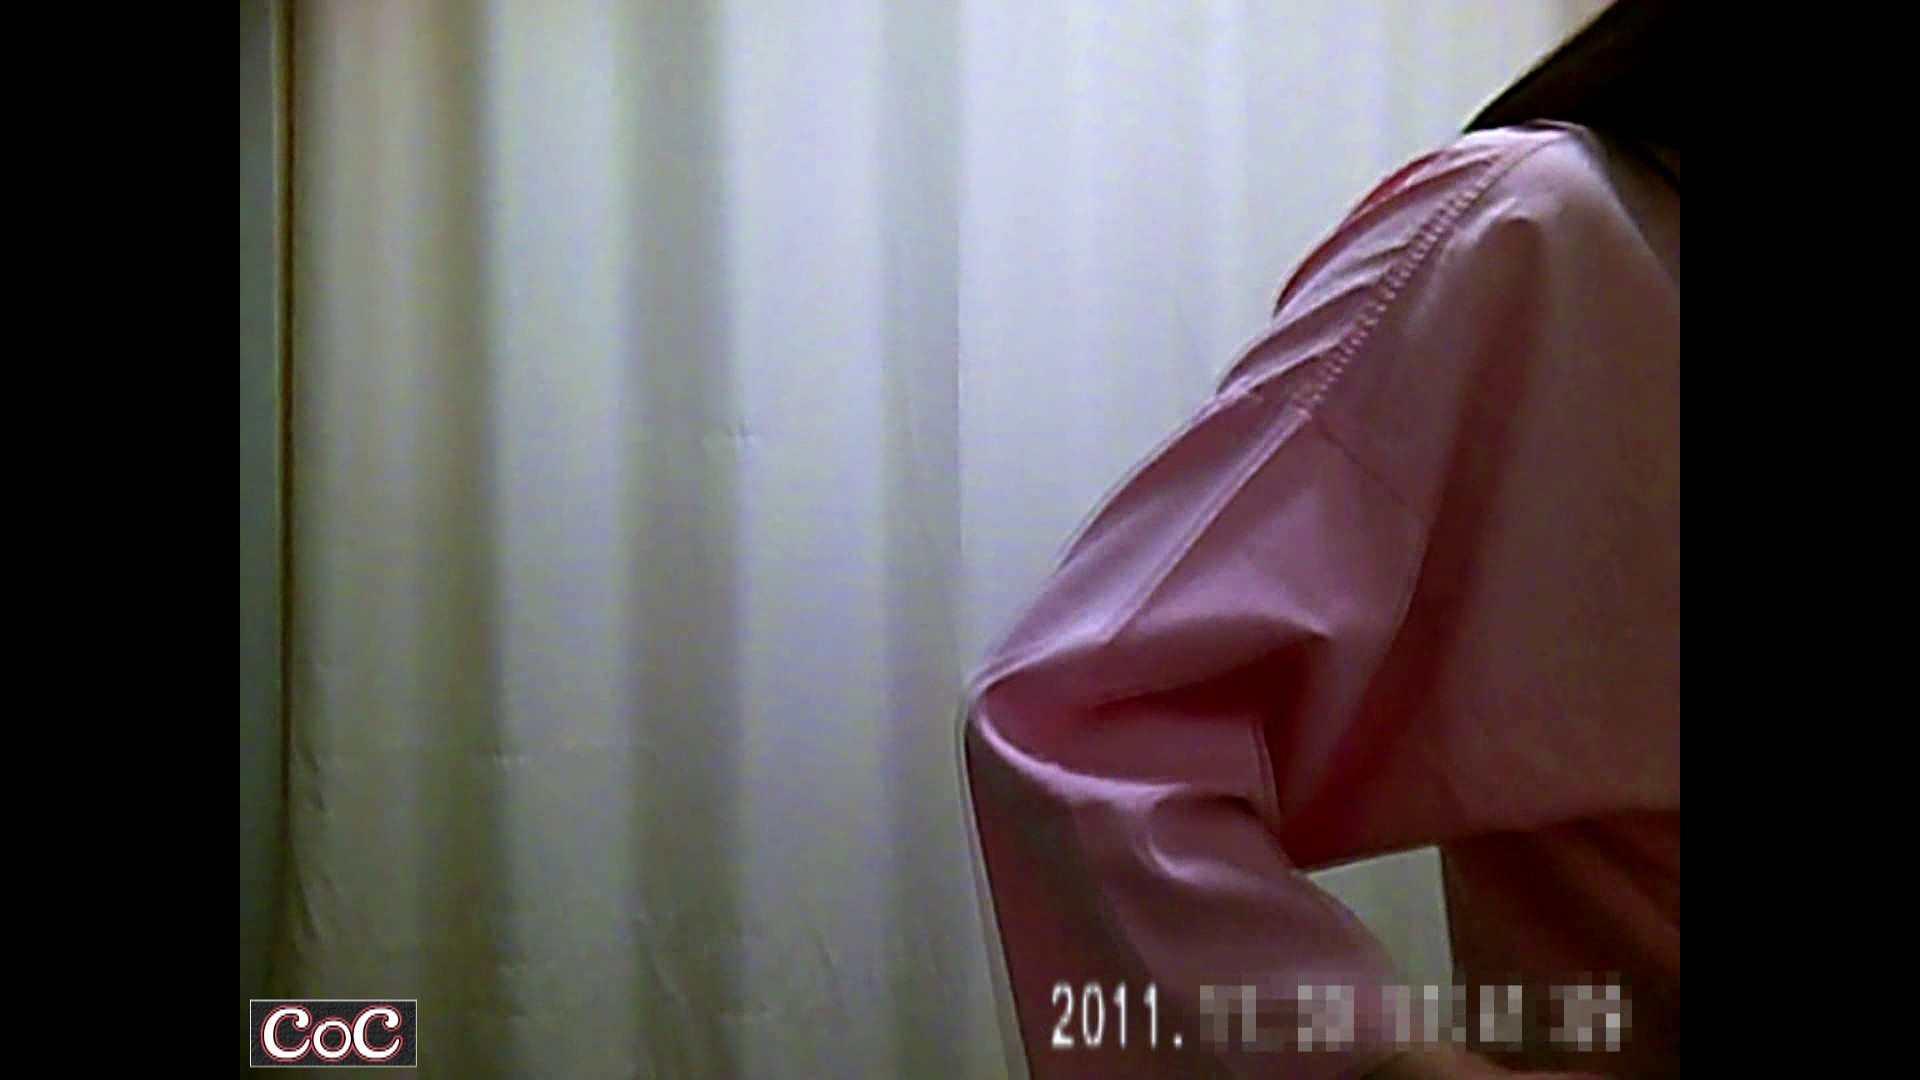 病院おもいっきり着替え! vol.106 娘 隠し撮りオマンコ動画紹介 75連発 68